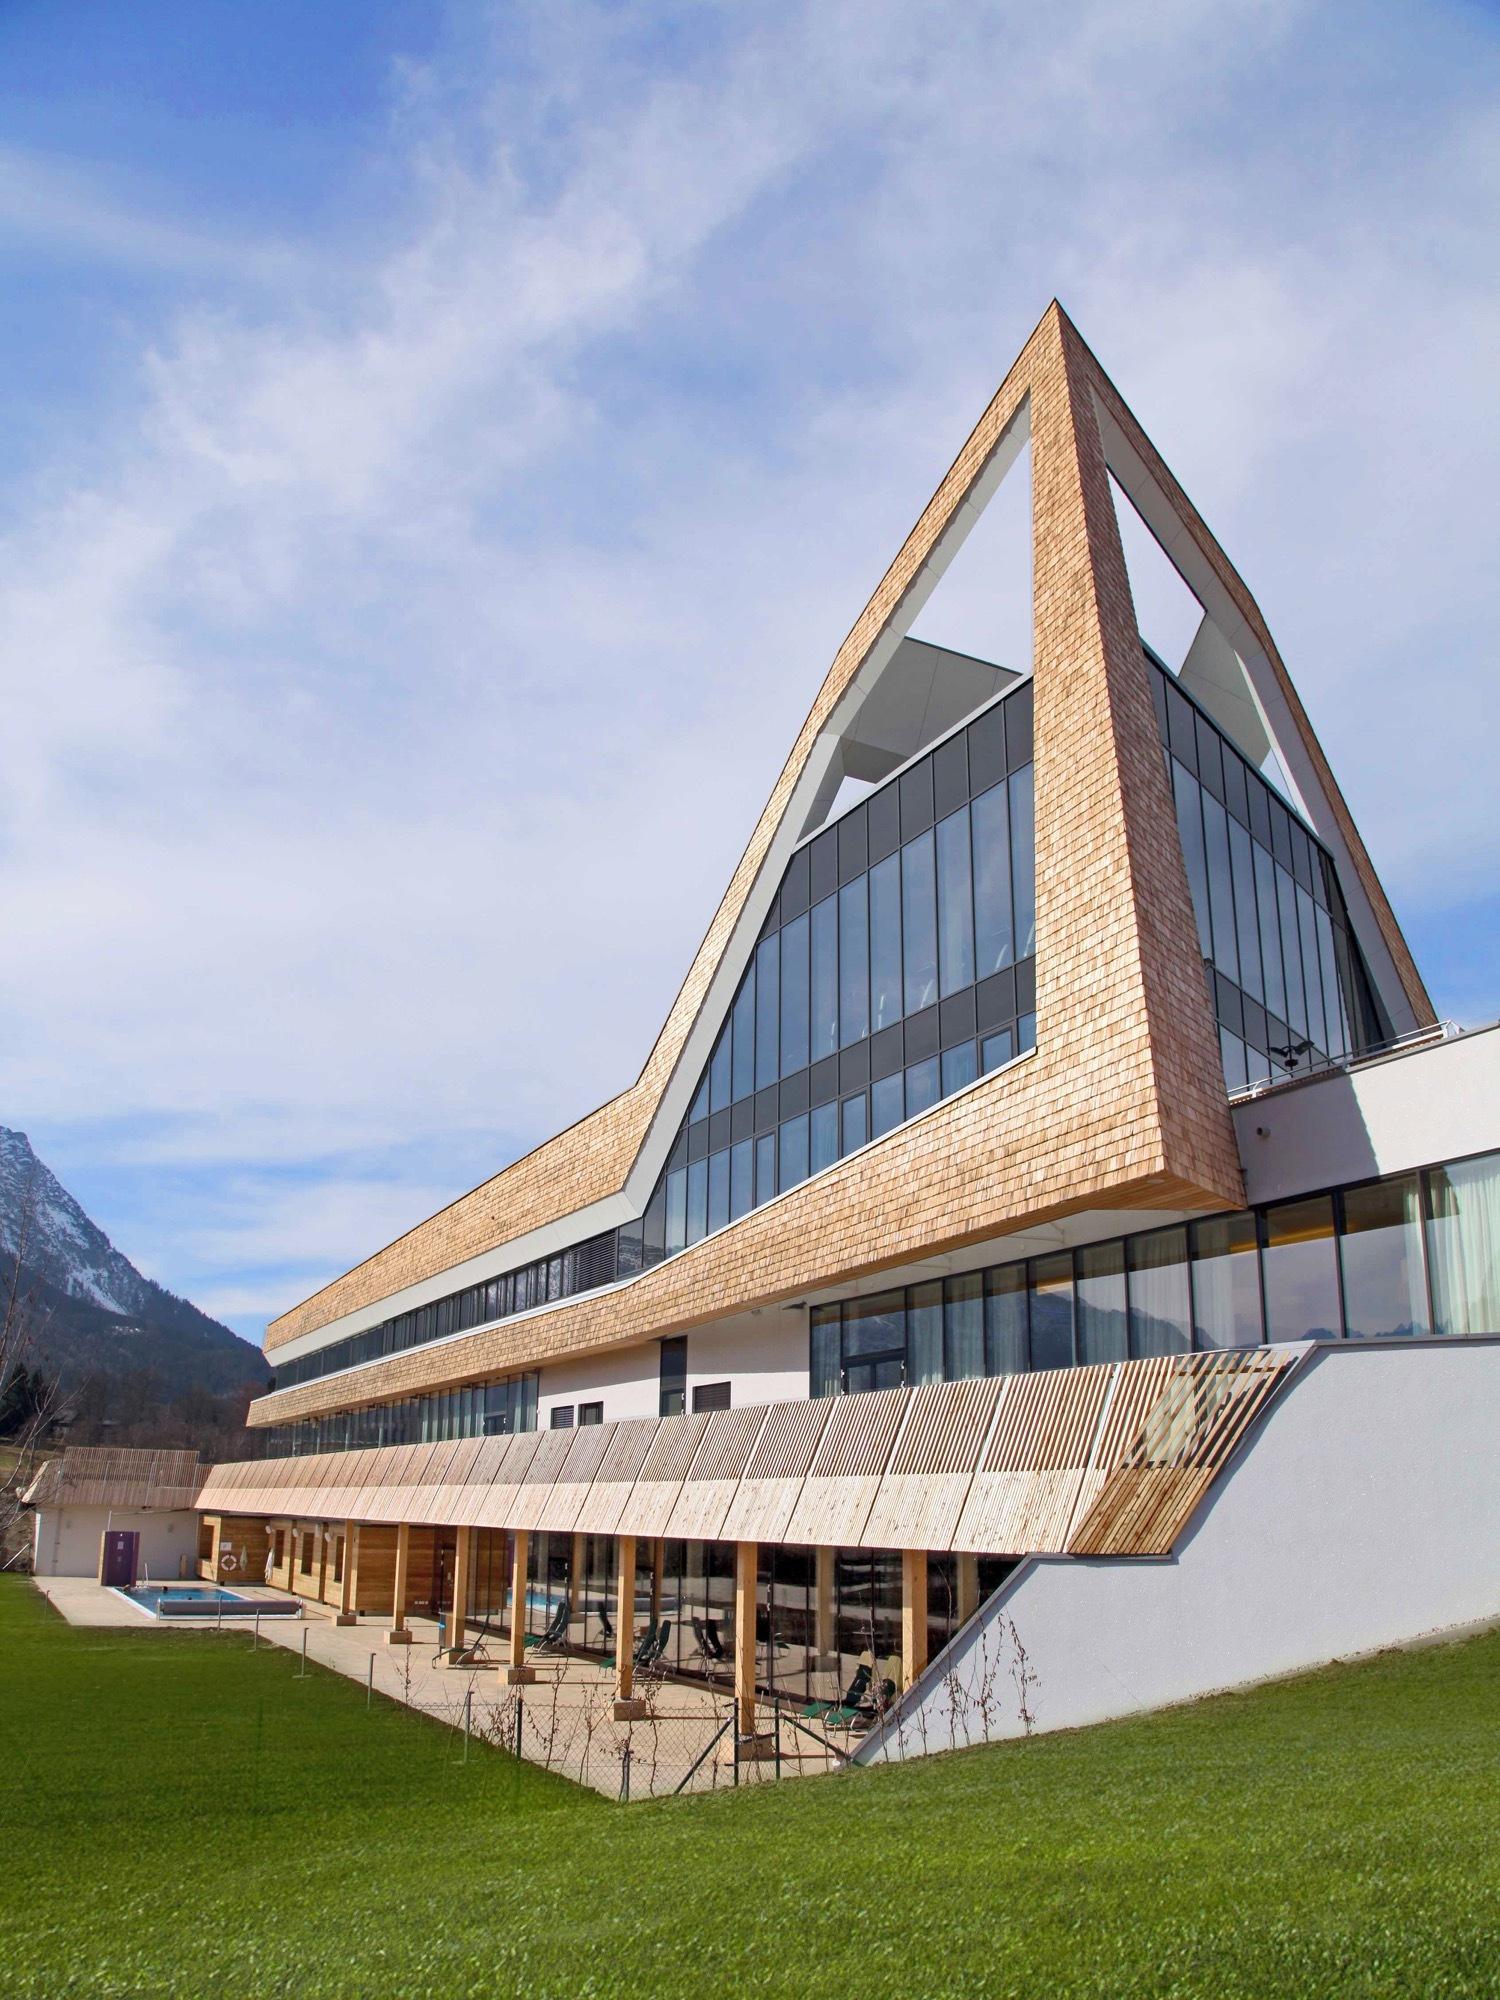 Gallery of narzissenbad aussee spa resort schulz for Architektur 4 1